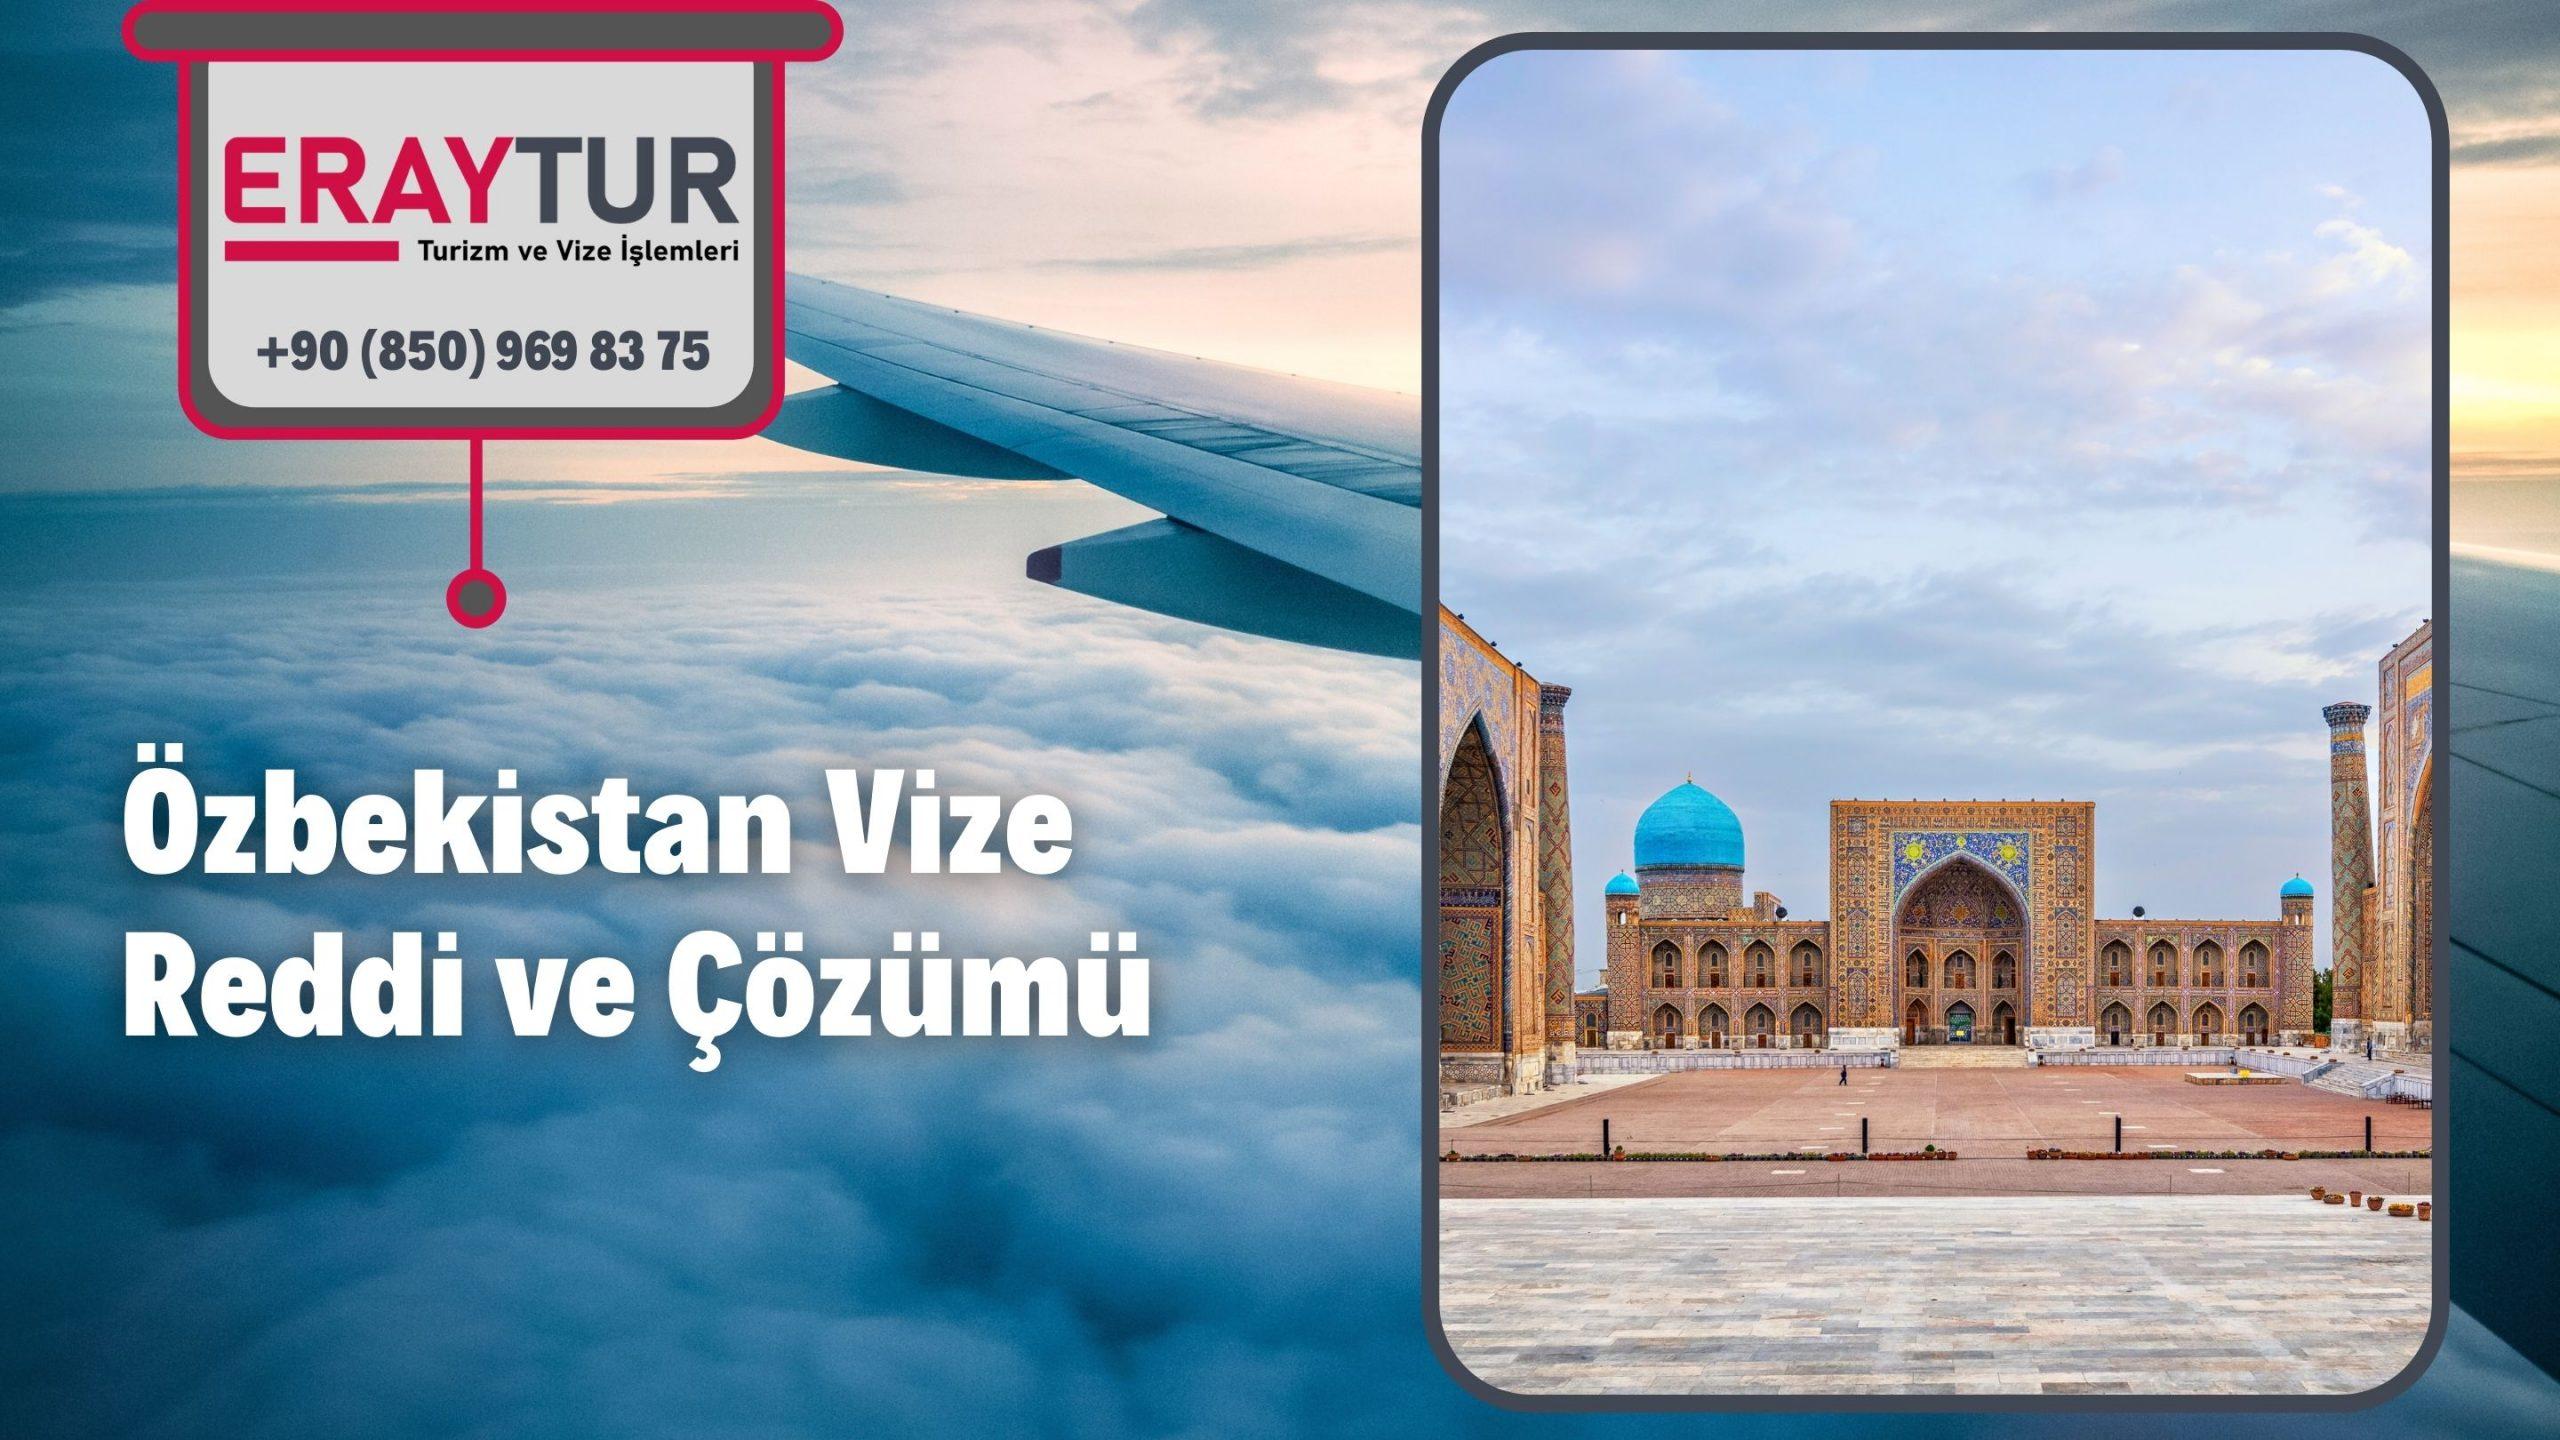 Özbekistan Vize Reddi ve Çözümü